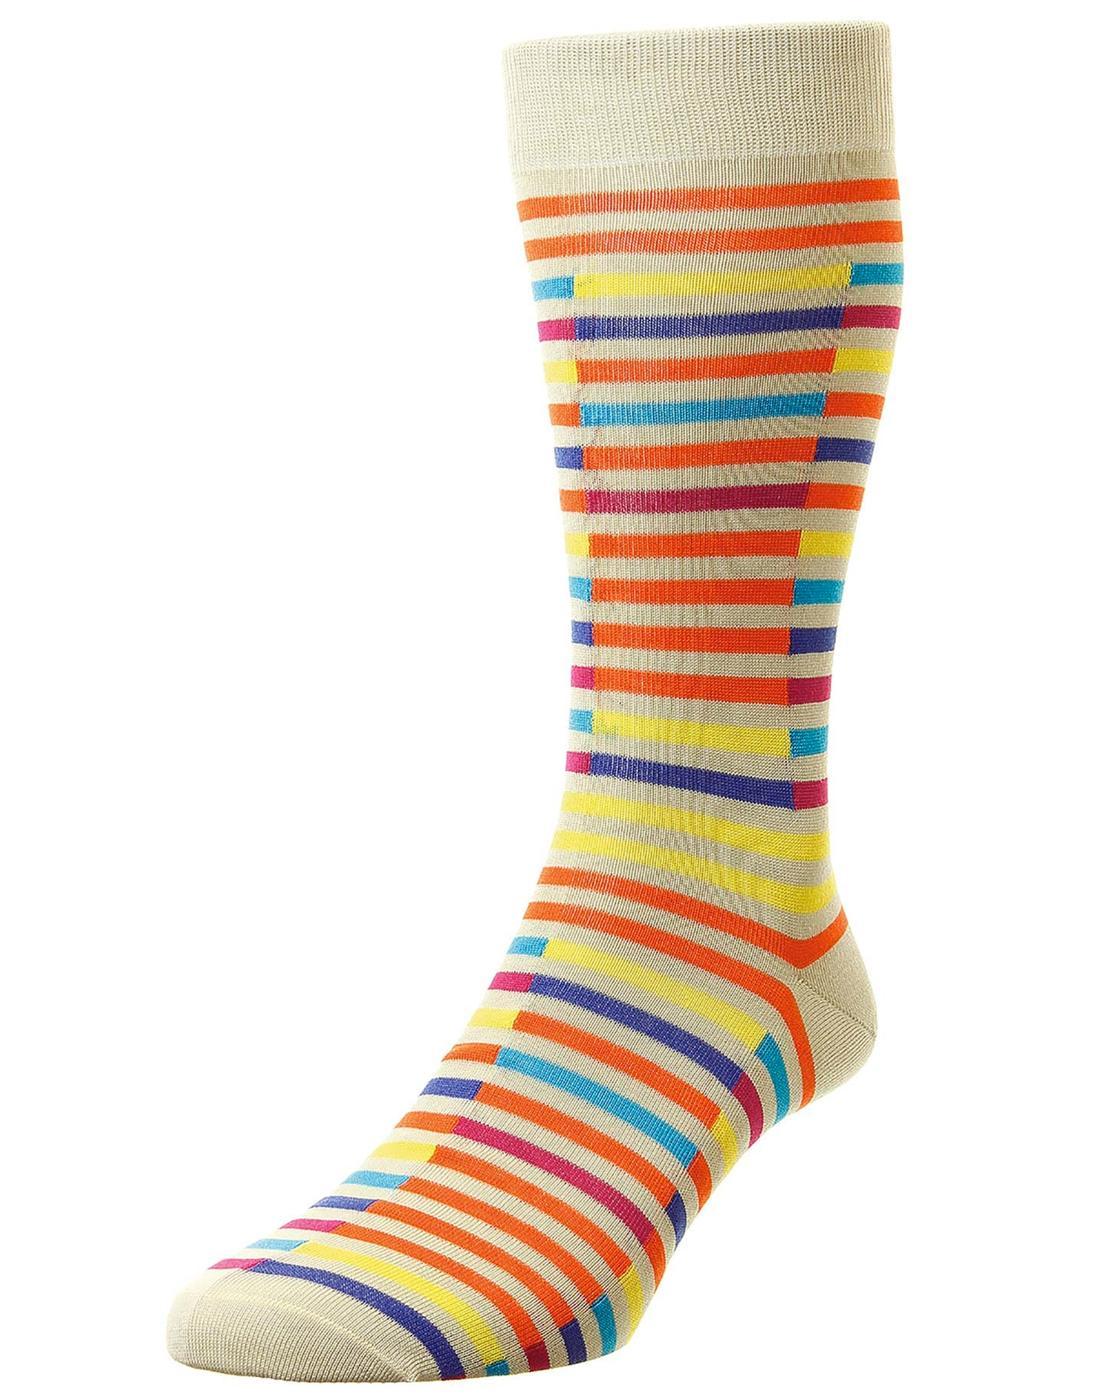 + Bahama PANTHERELLA Men's Broken Stripe Socks C